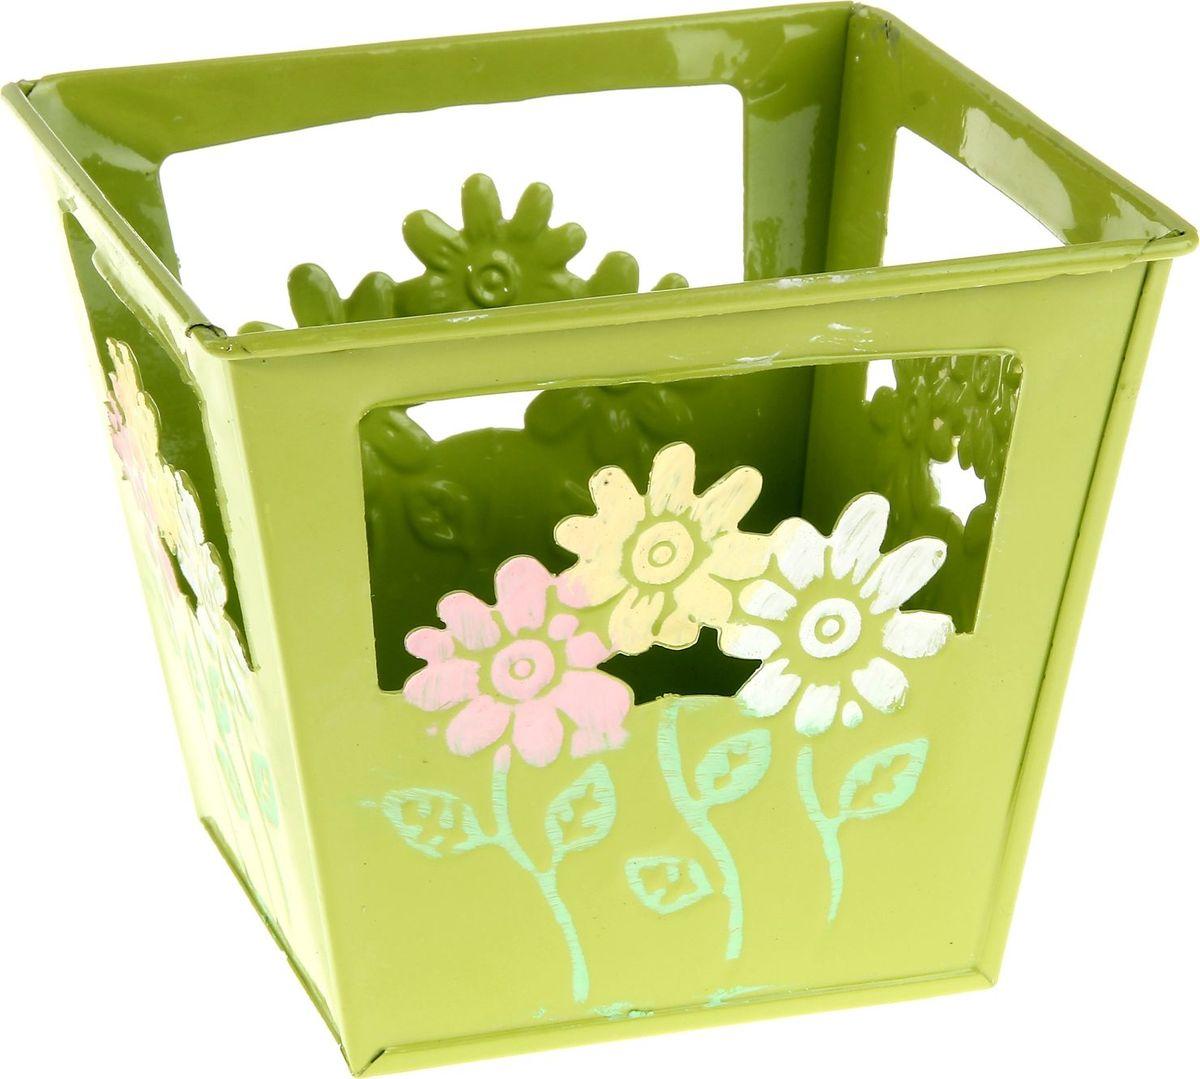 Кашпо Цветочки, цвет: салатовый, 15 х 15 х 13 см232902Комнатные растения — всеобщие любимцы. Они радуют глаз, насыщают помещение кислородом и украшают пространство. Каждому из растений необходим свой удобный и красивый дом. Металлические декоративные вазы для горшков практичны и долговечны. #name# позаботится о зелёном питомце, освежит интерьер и подчеркнёт его стиль. Особенно выигрышно они смотрятся в экстерьере: на террасах и в беседках. При желании его всегда можно перекрасить в другой цвет.